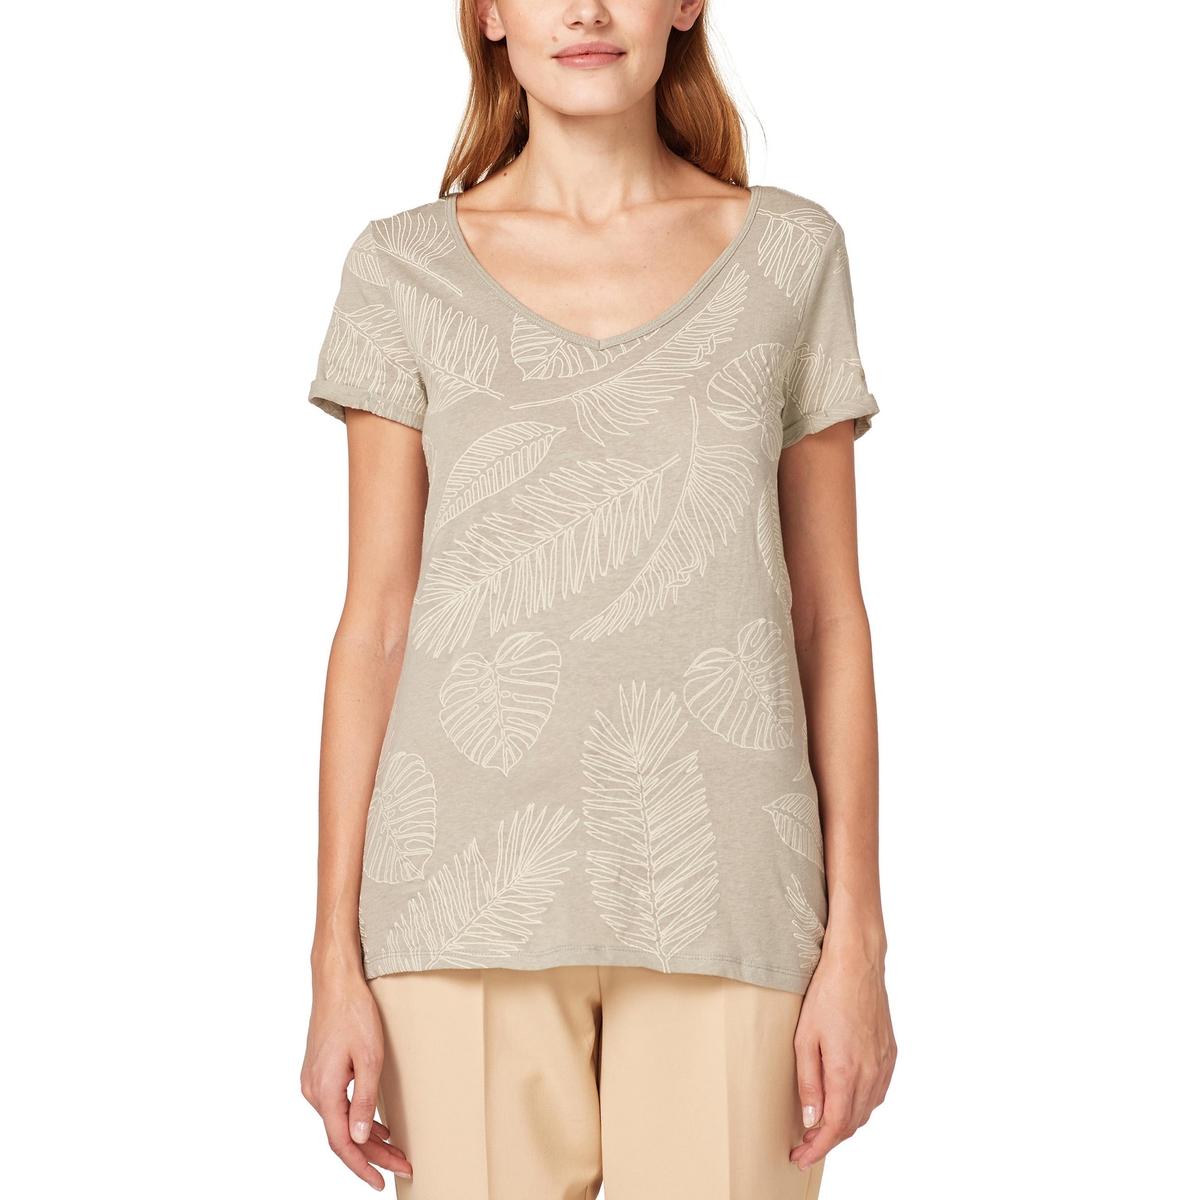 Camiseta estampada de manga corta y cuello de pico